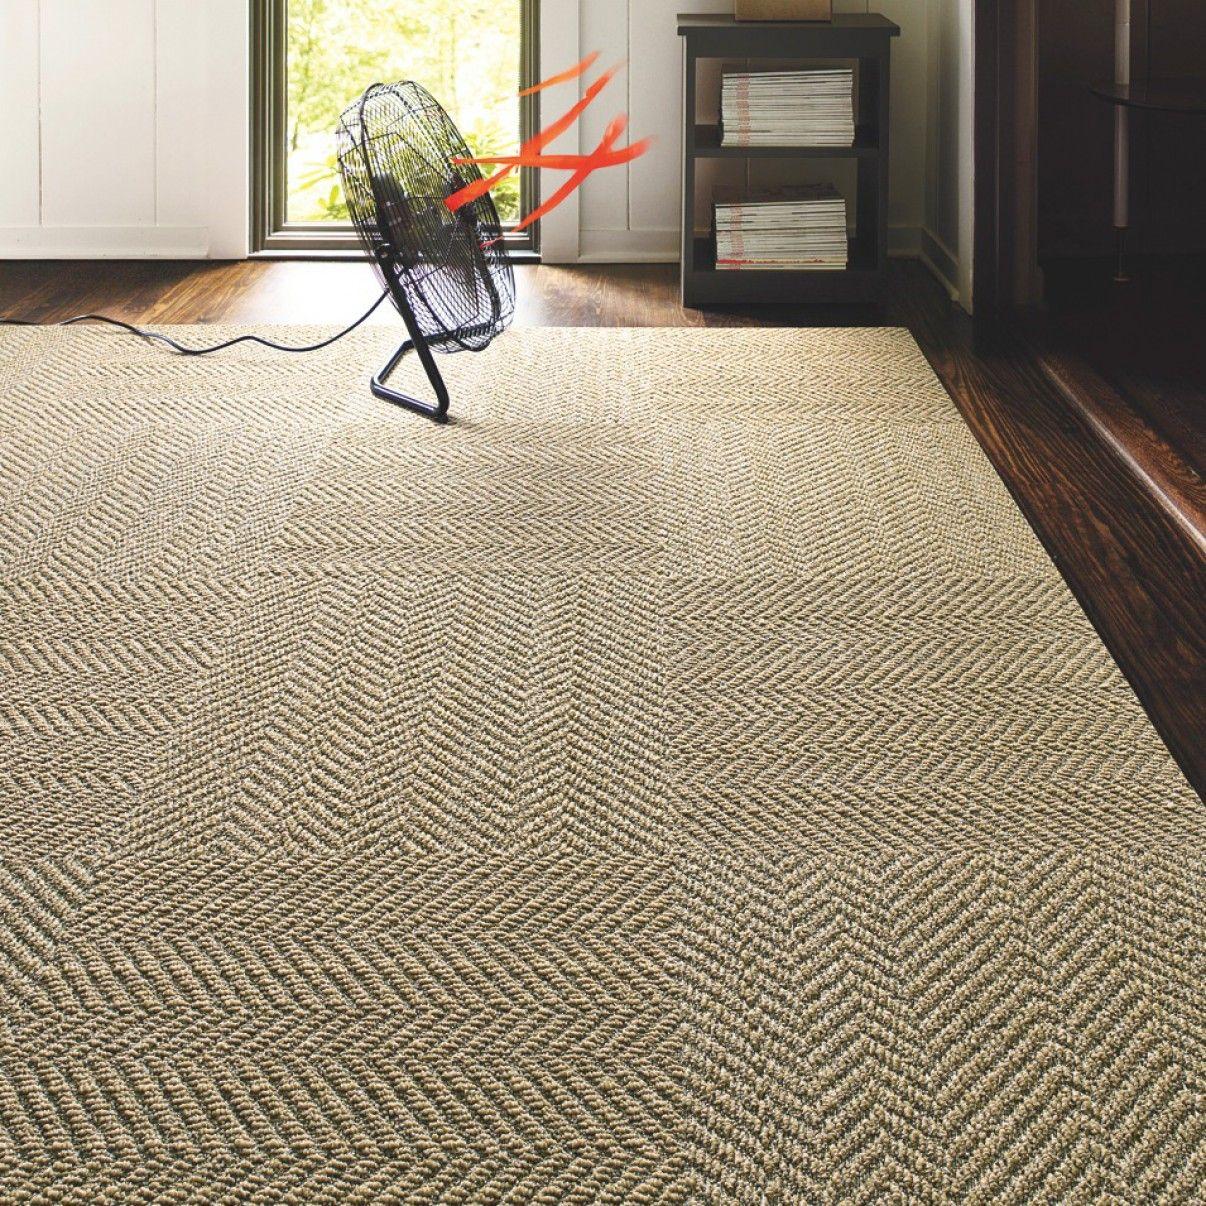 Jute Rug On Laminate Floor: Basement Carpet, Carpet Tiles